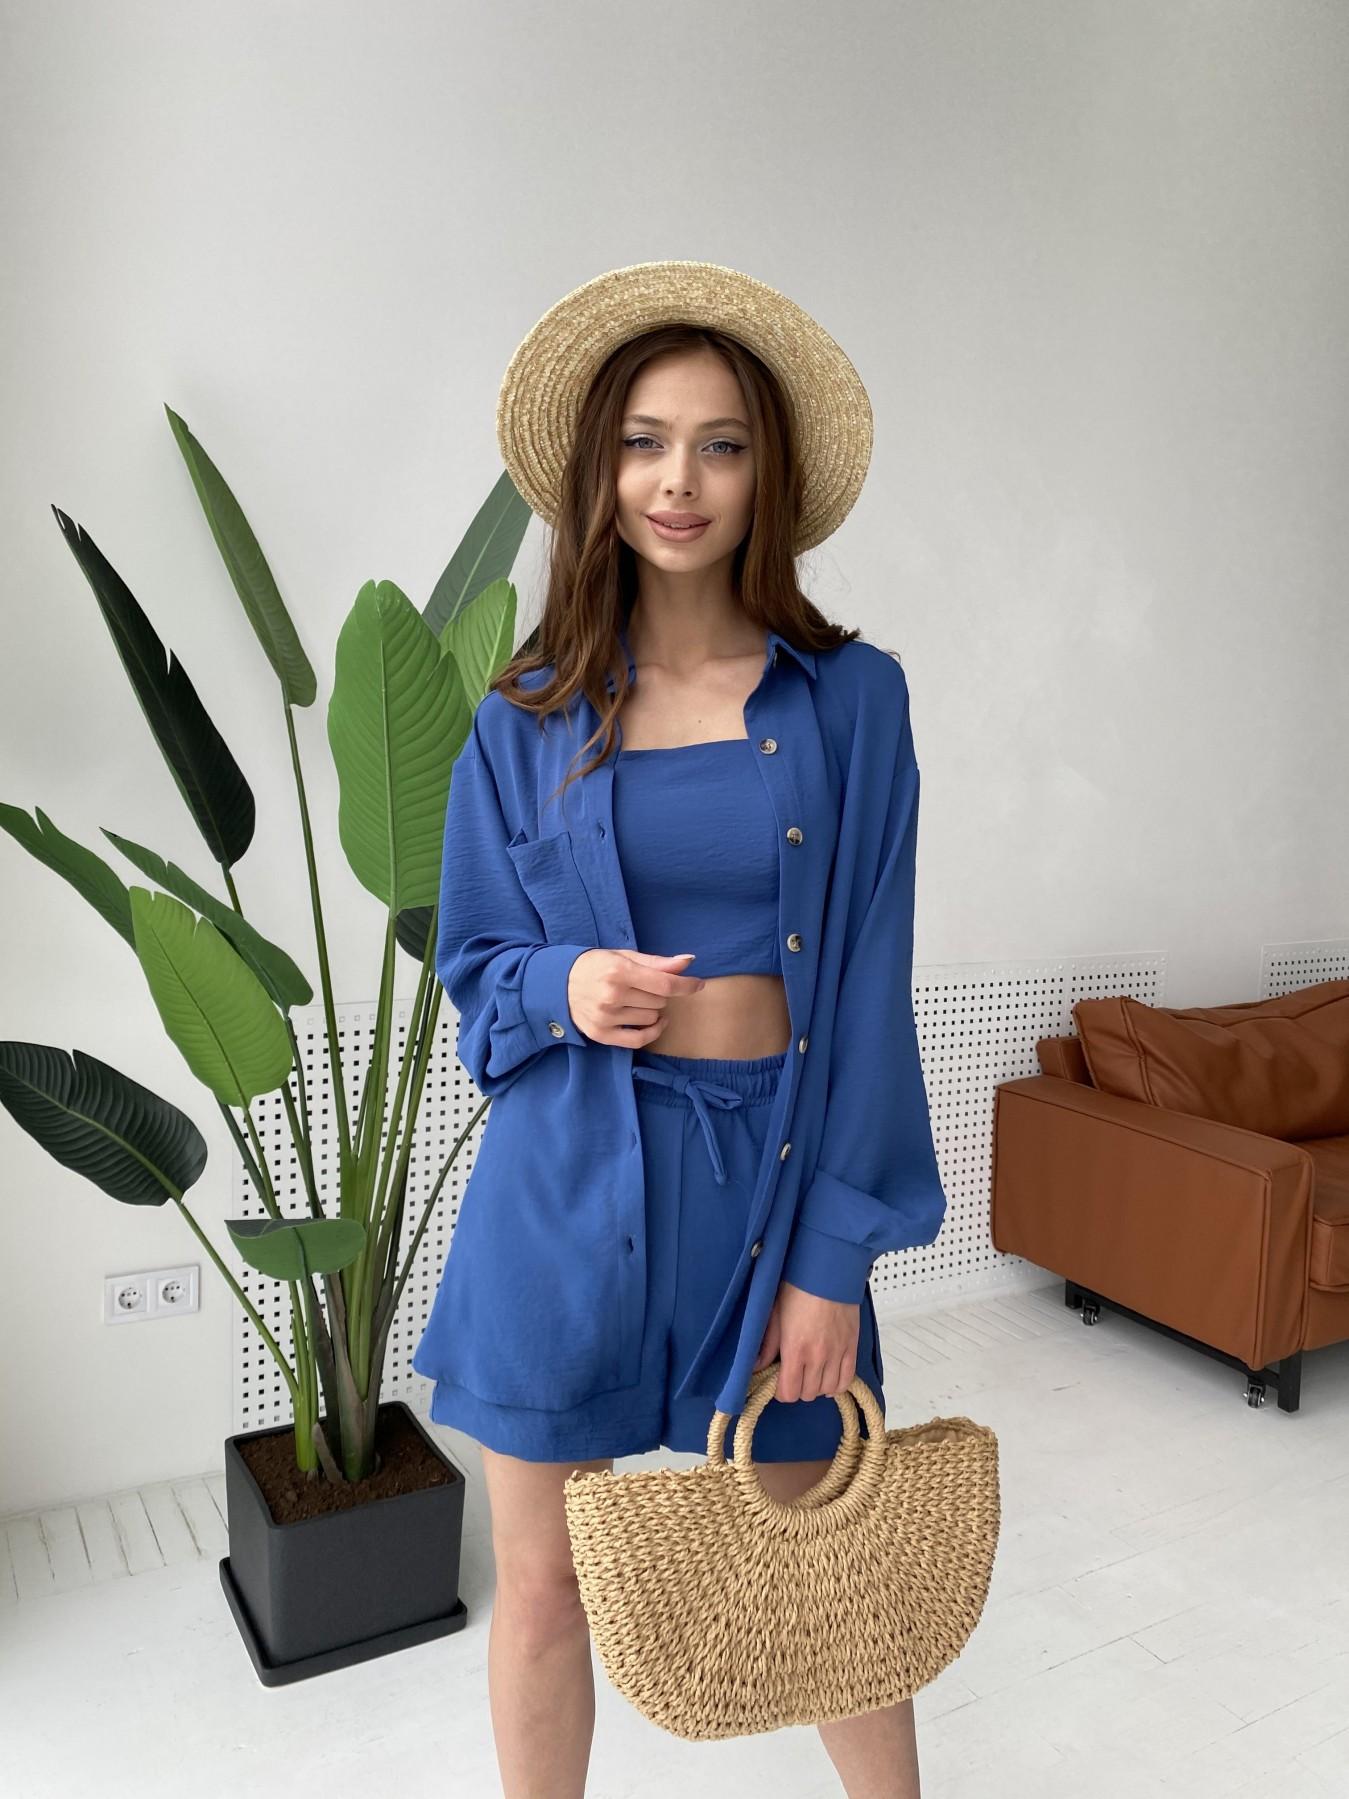 Квадро костюм американский из ткани креп (4 ед) 11303 АРТ. 47955 Цвет: Синий - фото 10, интернет магазин tm-modus.ru